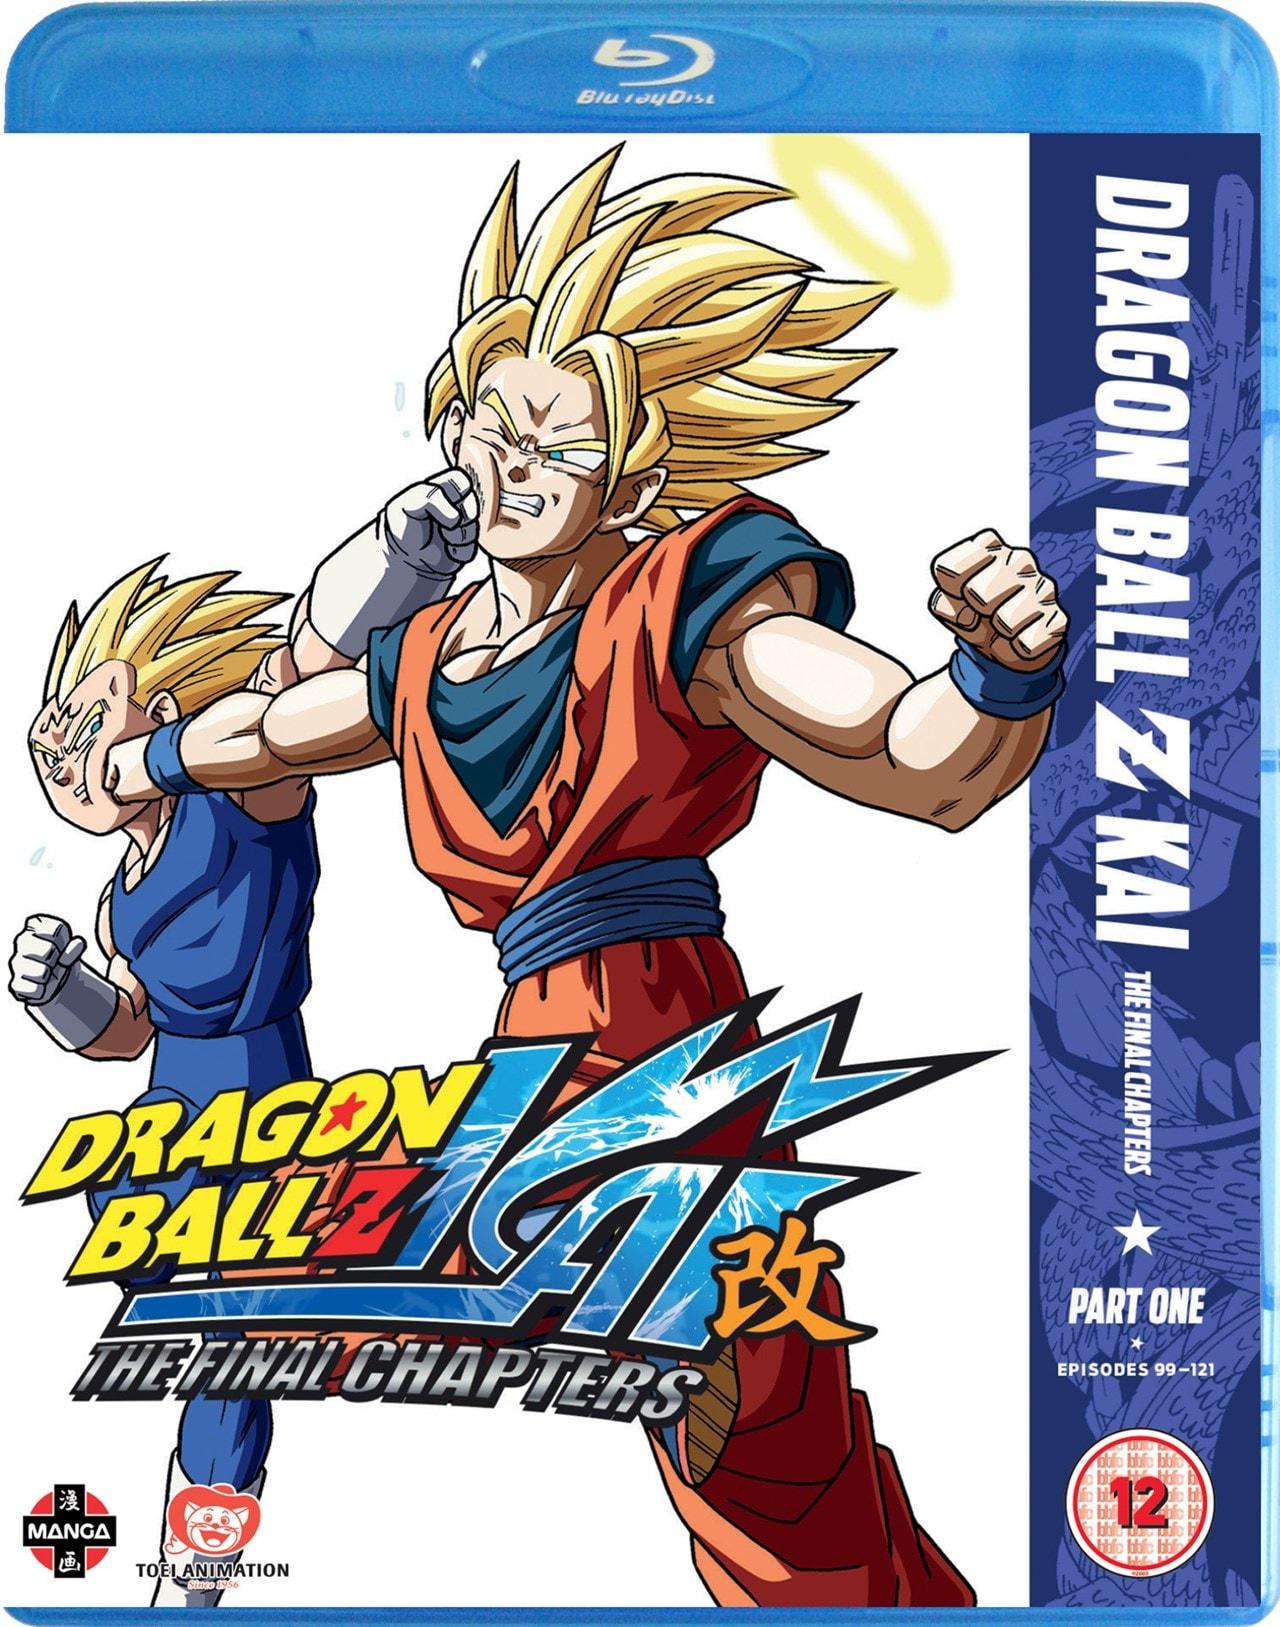 Dragon Ball Z KAI: Final Chapters - Part 1 - 1